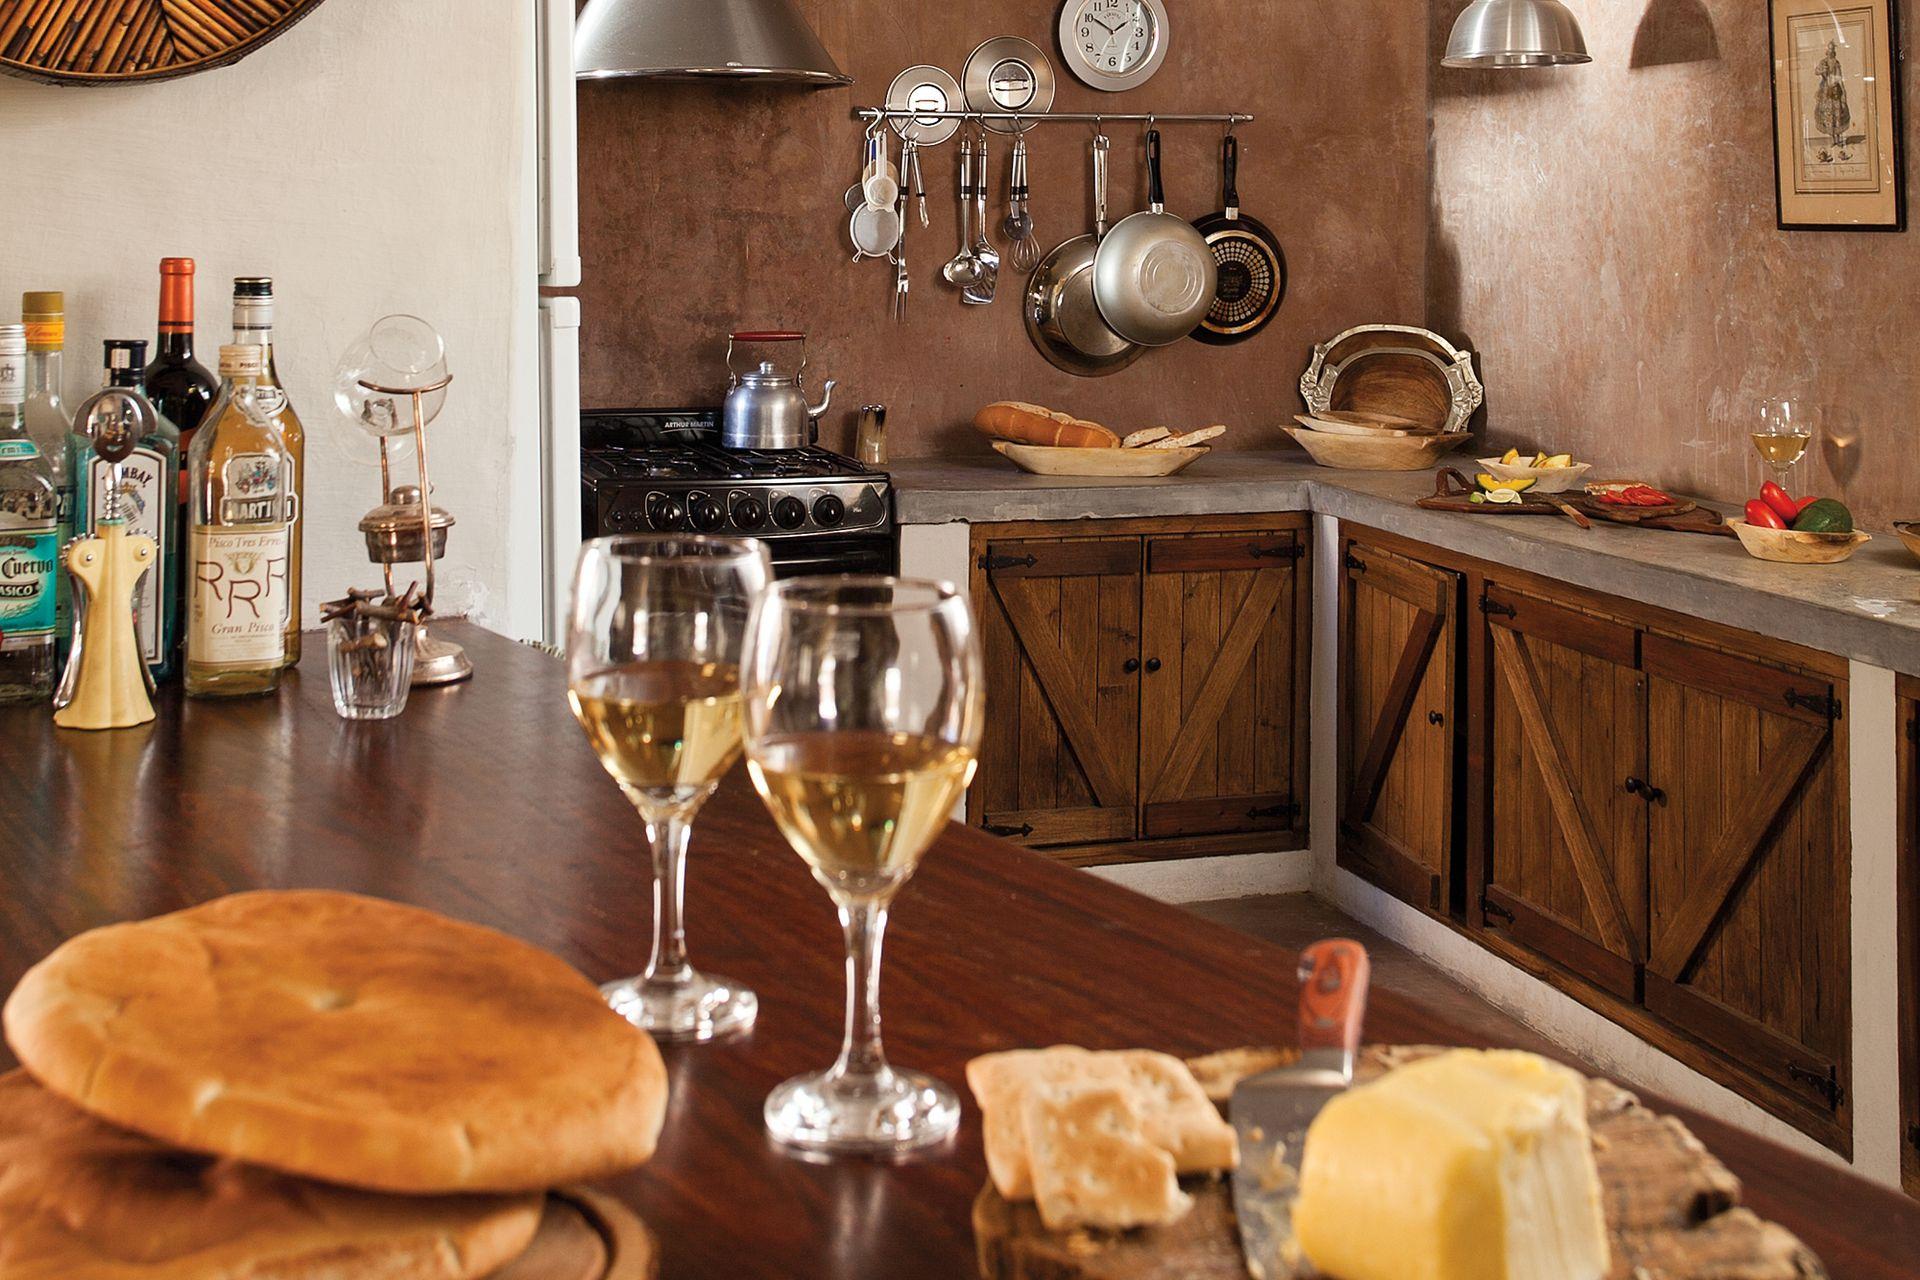 Se incluyeron toques contemporáneos y prácticos, como integrar la cocina con el comedor mediante un tablón de madera que ahora es barra. Así, se reformuló el planteo tradicional de las casas en U, caracterizado por una sucesión de ambientes estancos.